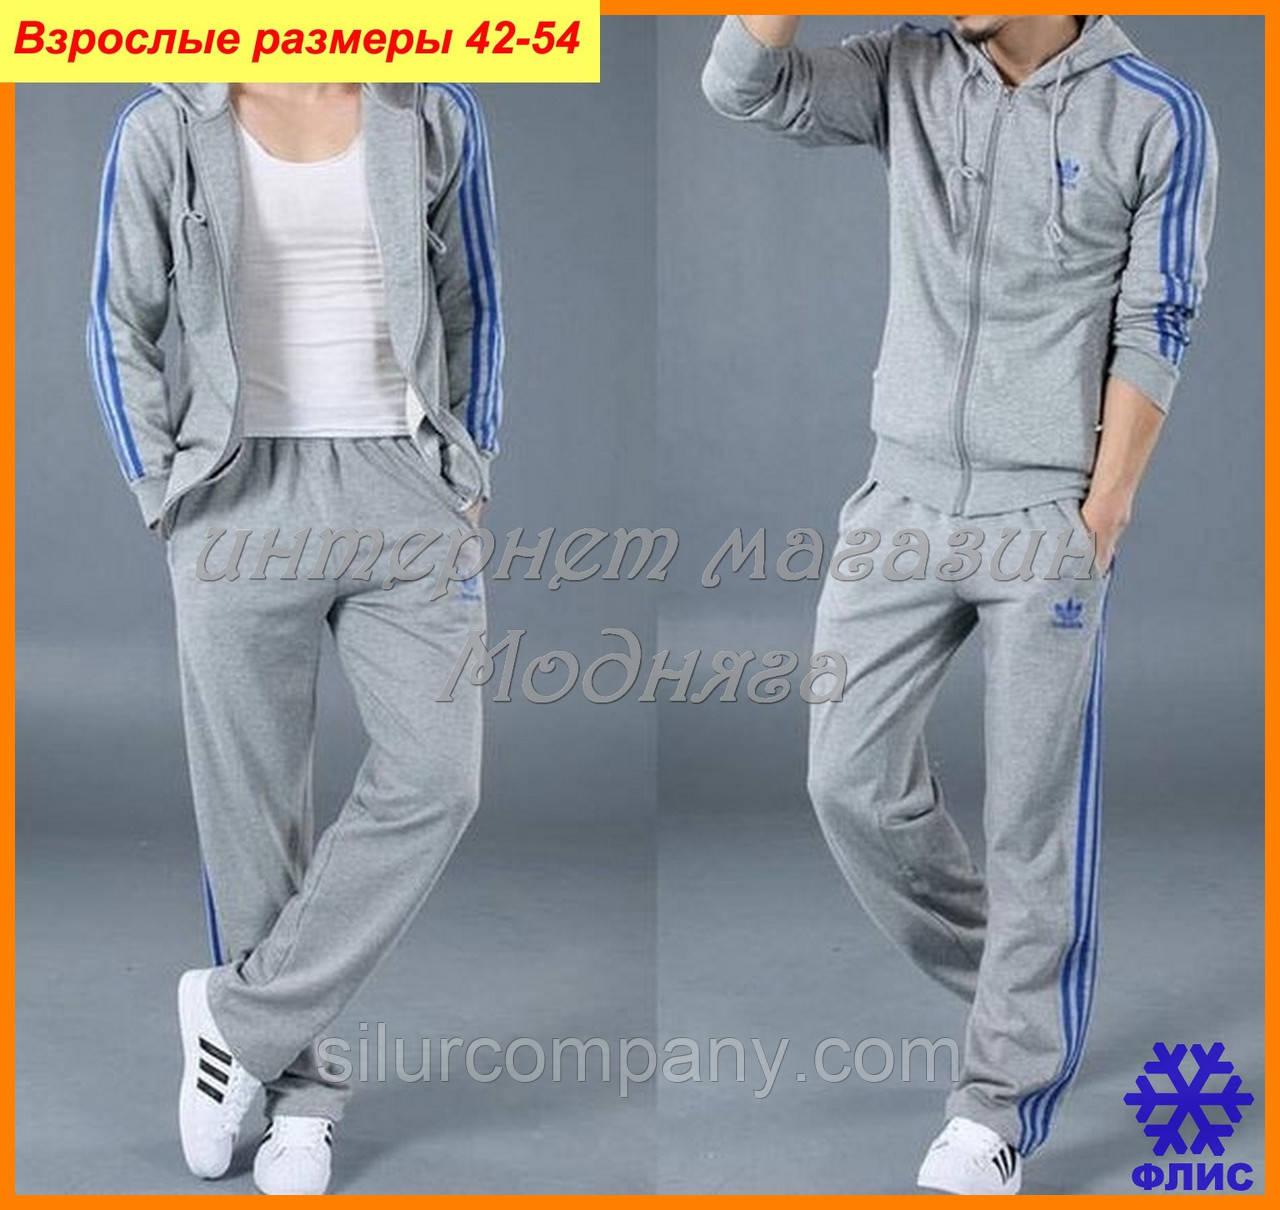 47aa06ce Утепленный костюм Adidas для мужчин и женщин - Интернет магазин